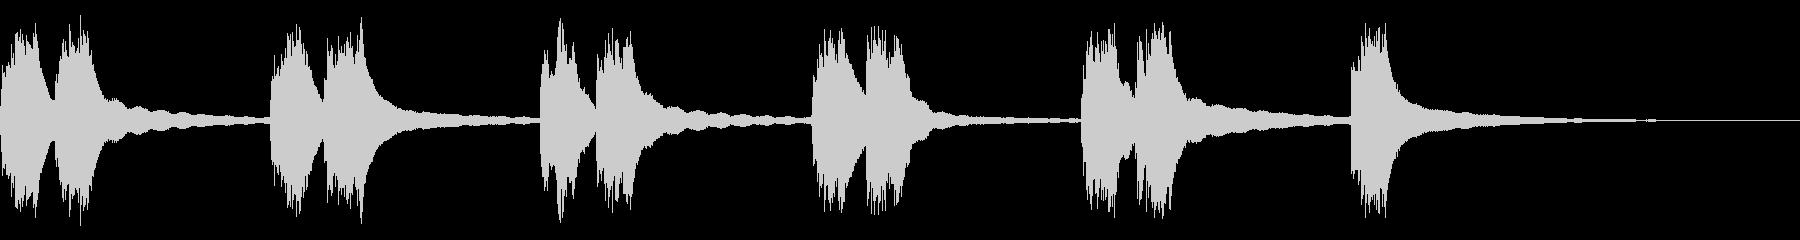 ヴィンテージ1960年代ロータリー...の未再生の波形